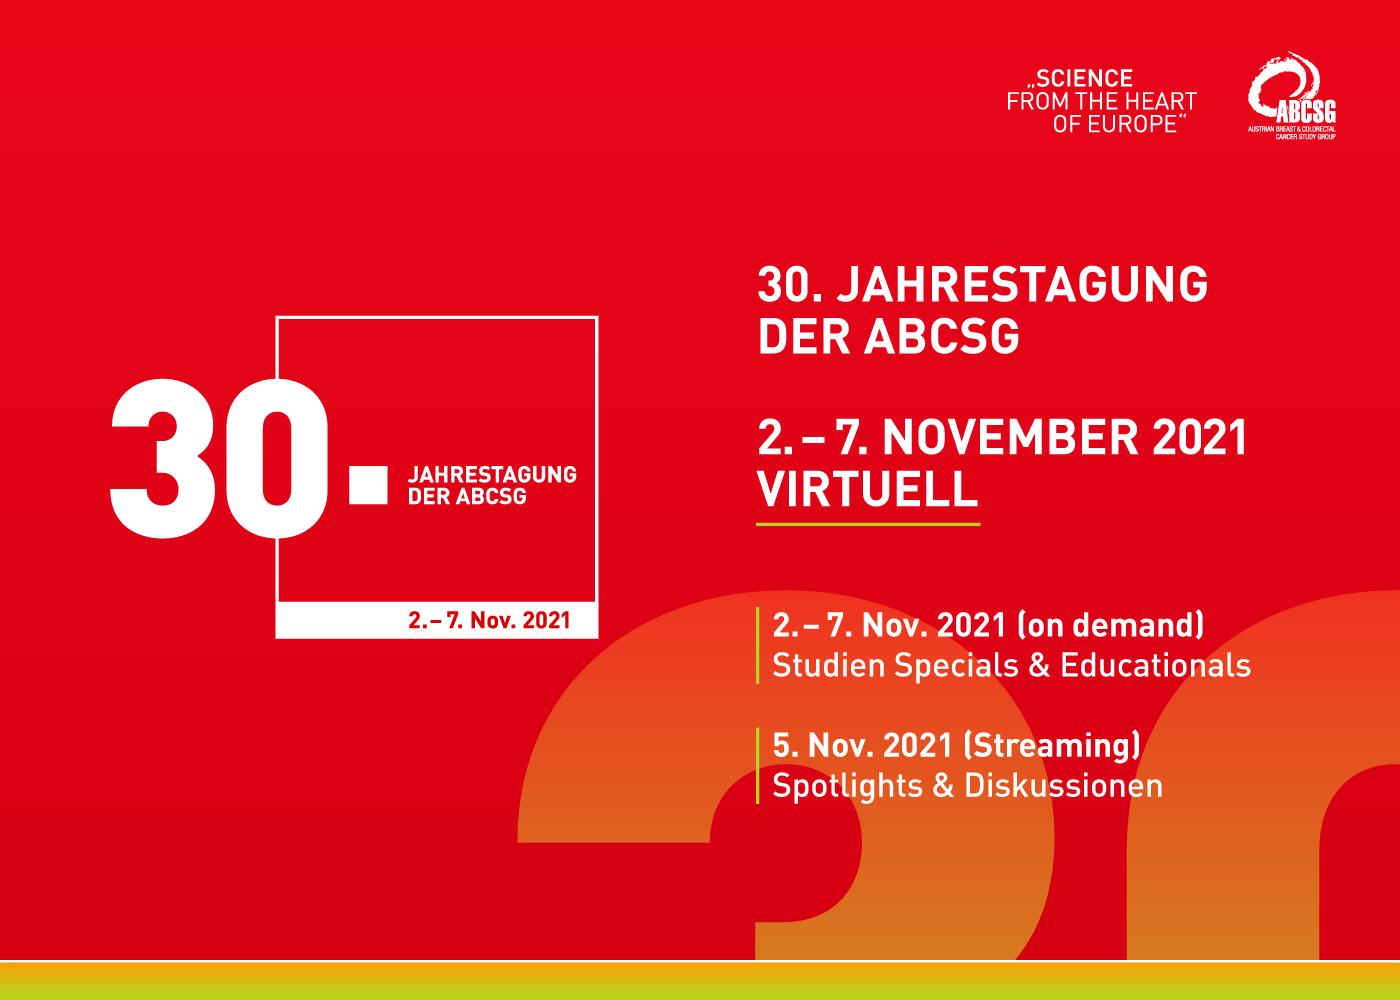 30. Jahrestagung der ABCSG